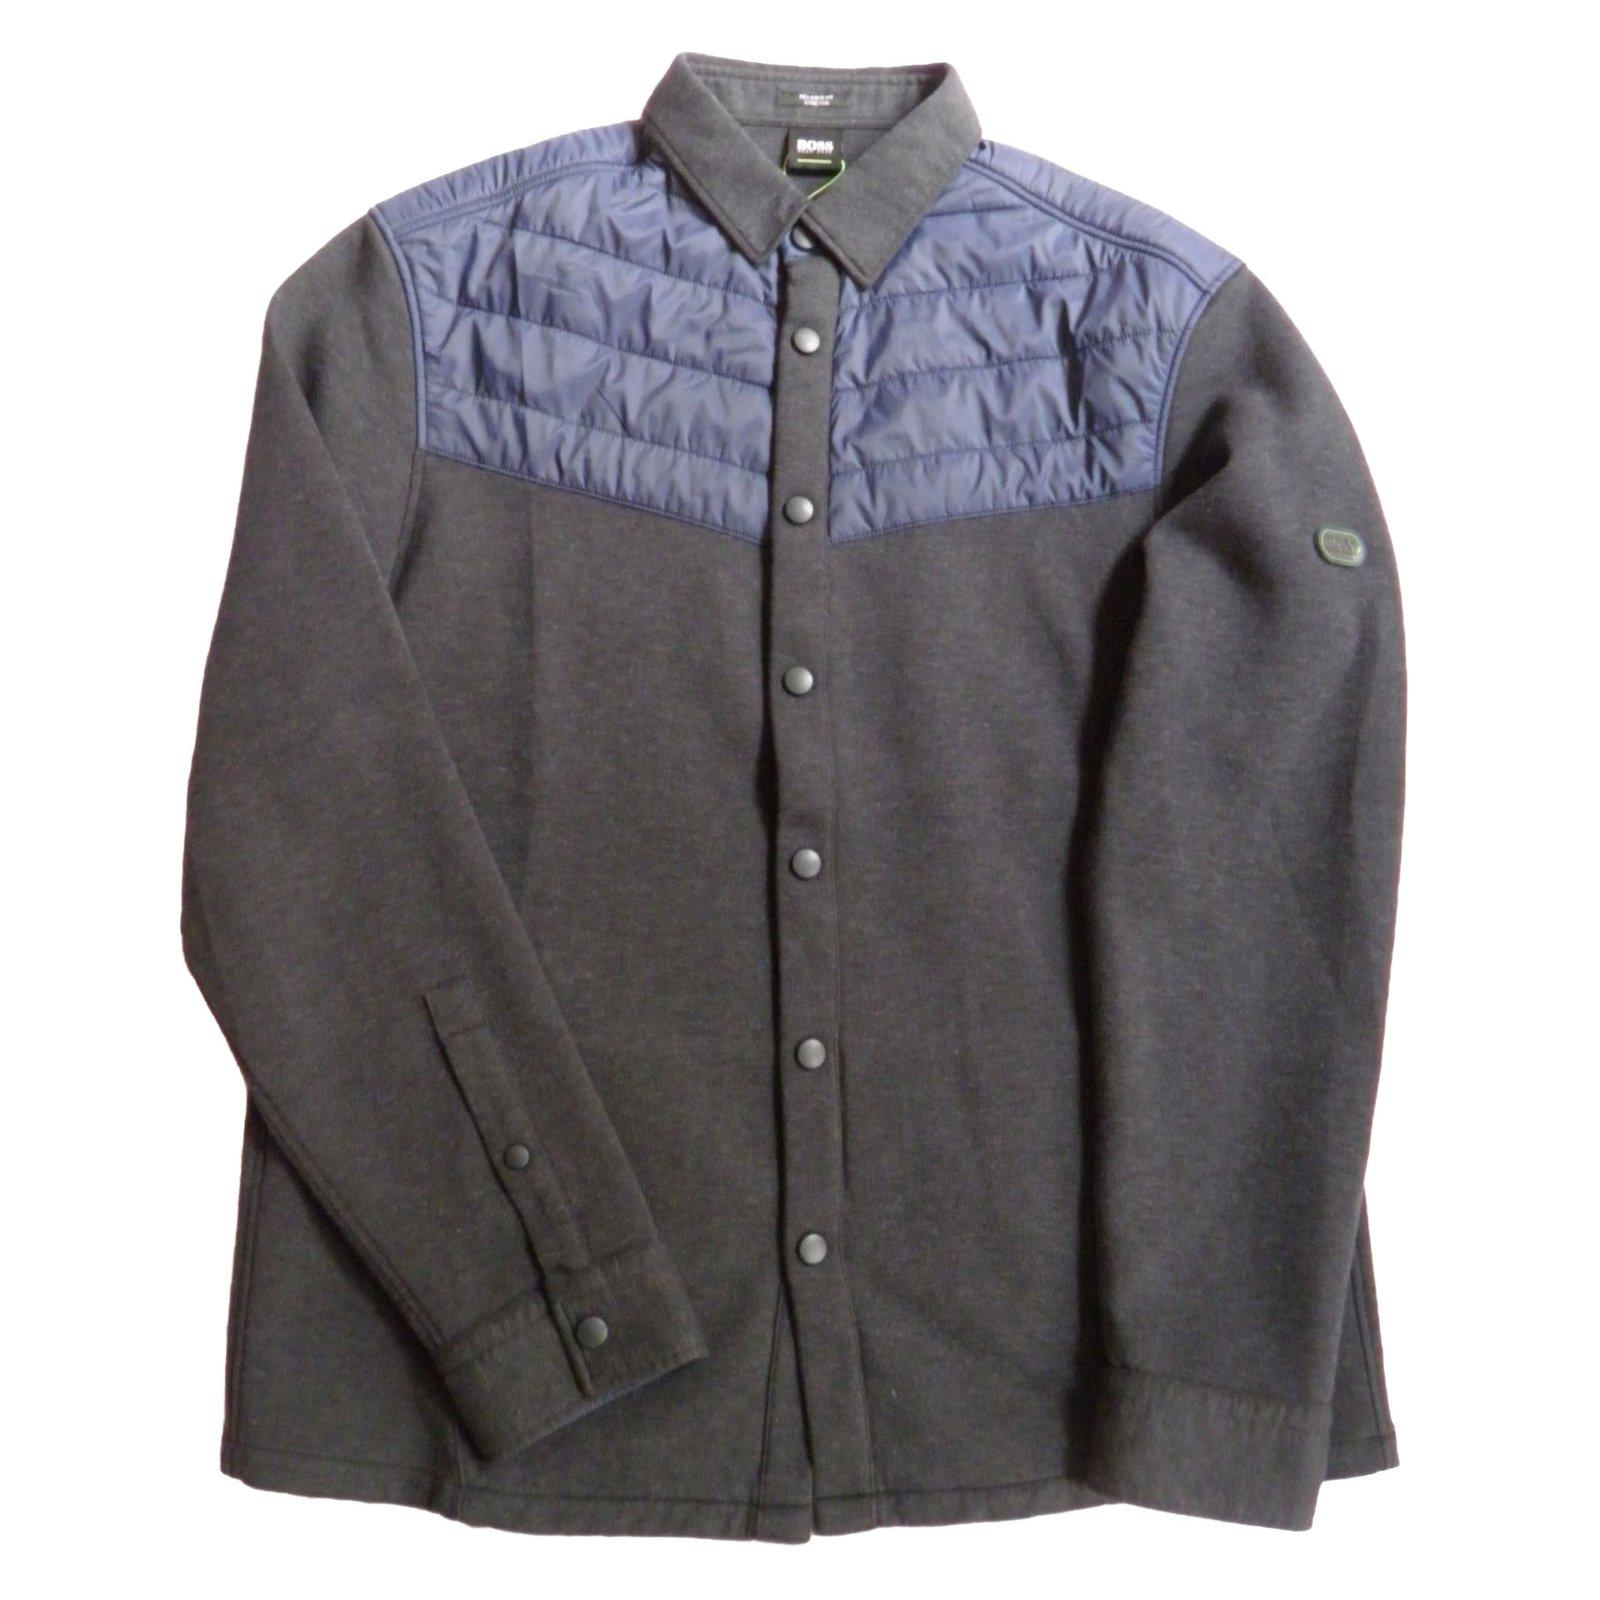 248aef920 Hugo Boss Blazers Jackets Blazers Jackets Other Dark grey ref.57332 ...